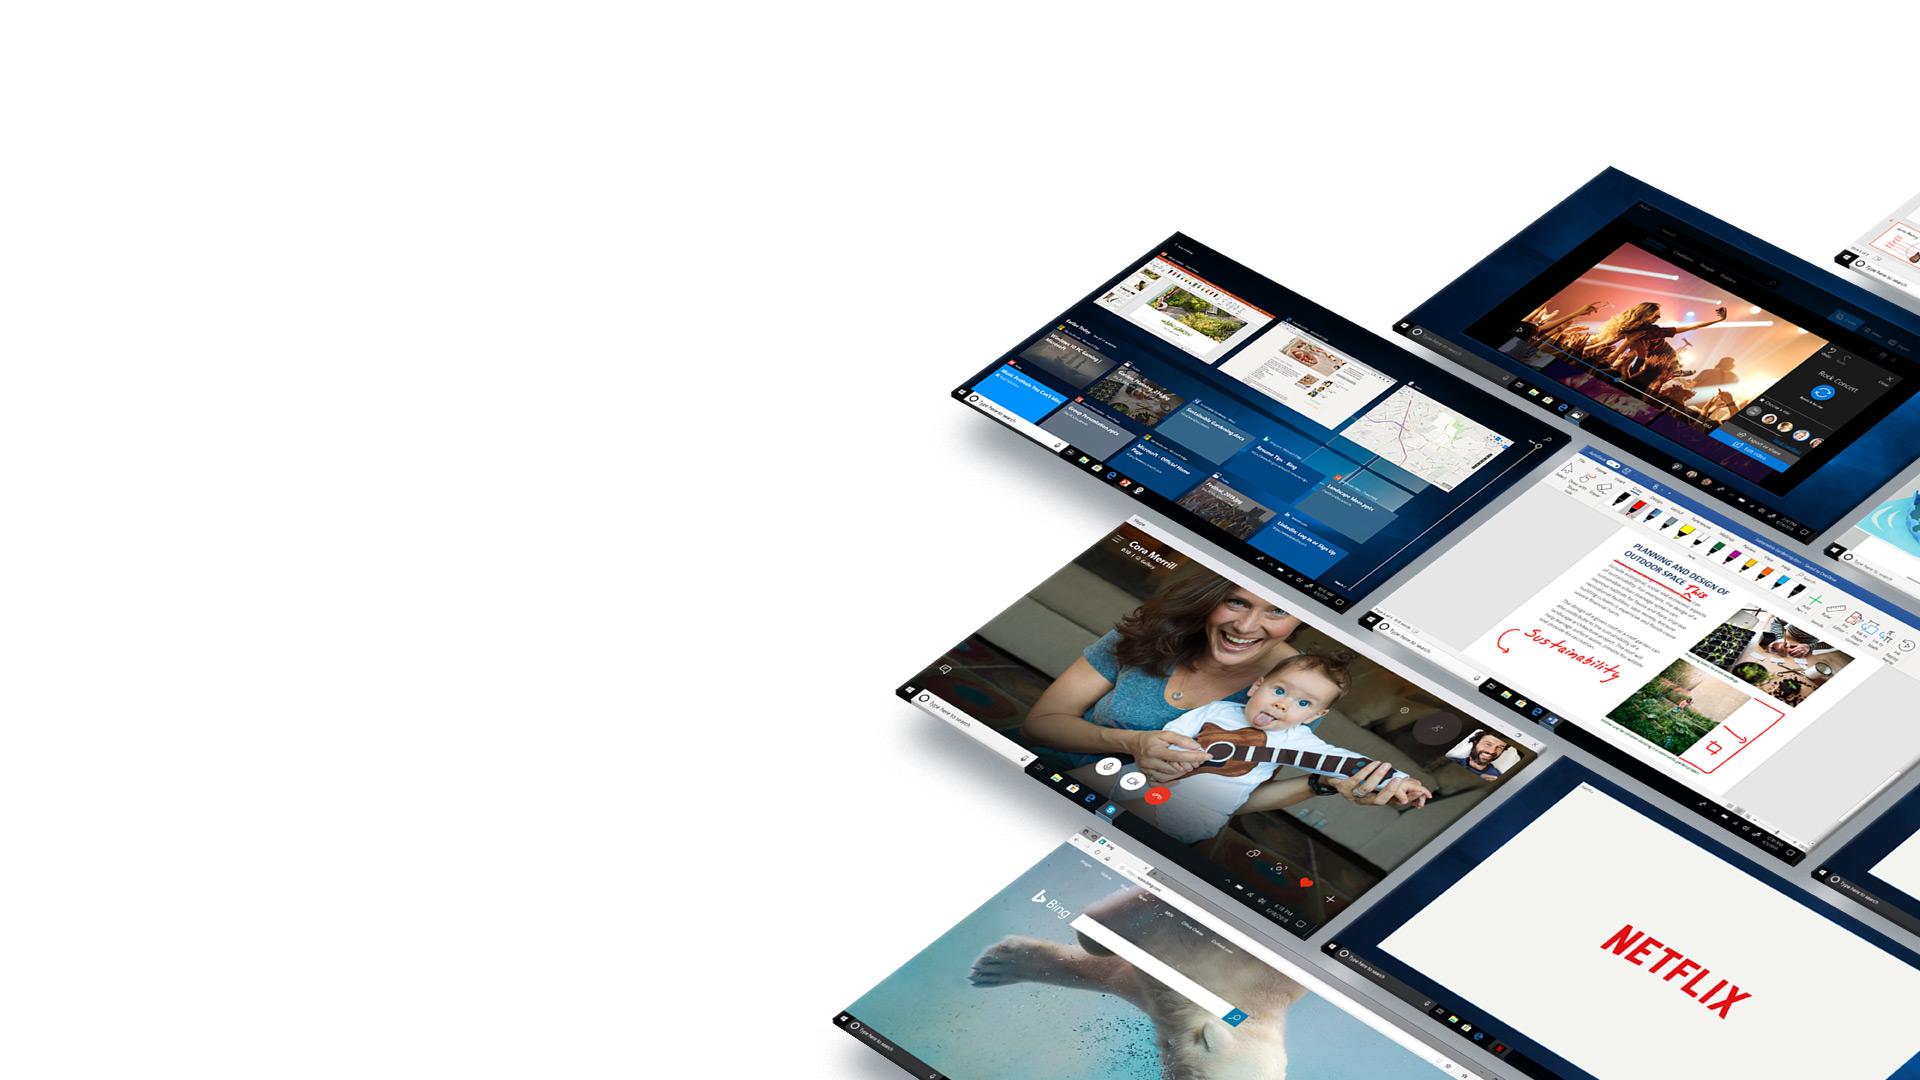 Mozaik zaslonov s prikazanim sistemom Windows 10, položenih na tla, z različnimi zagnanimi aplikacijami in programi